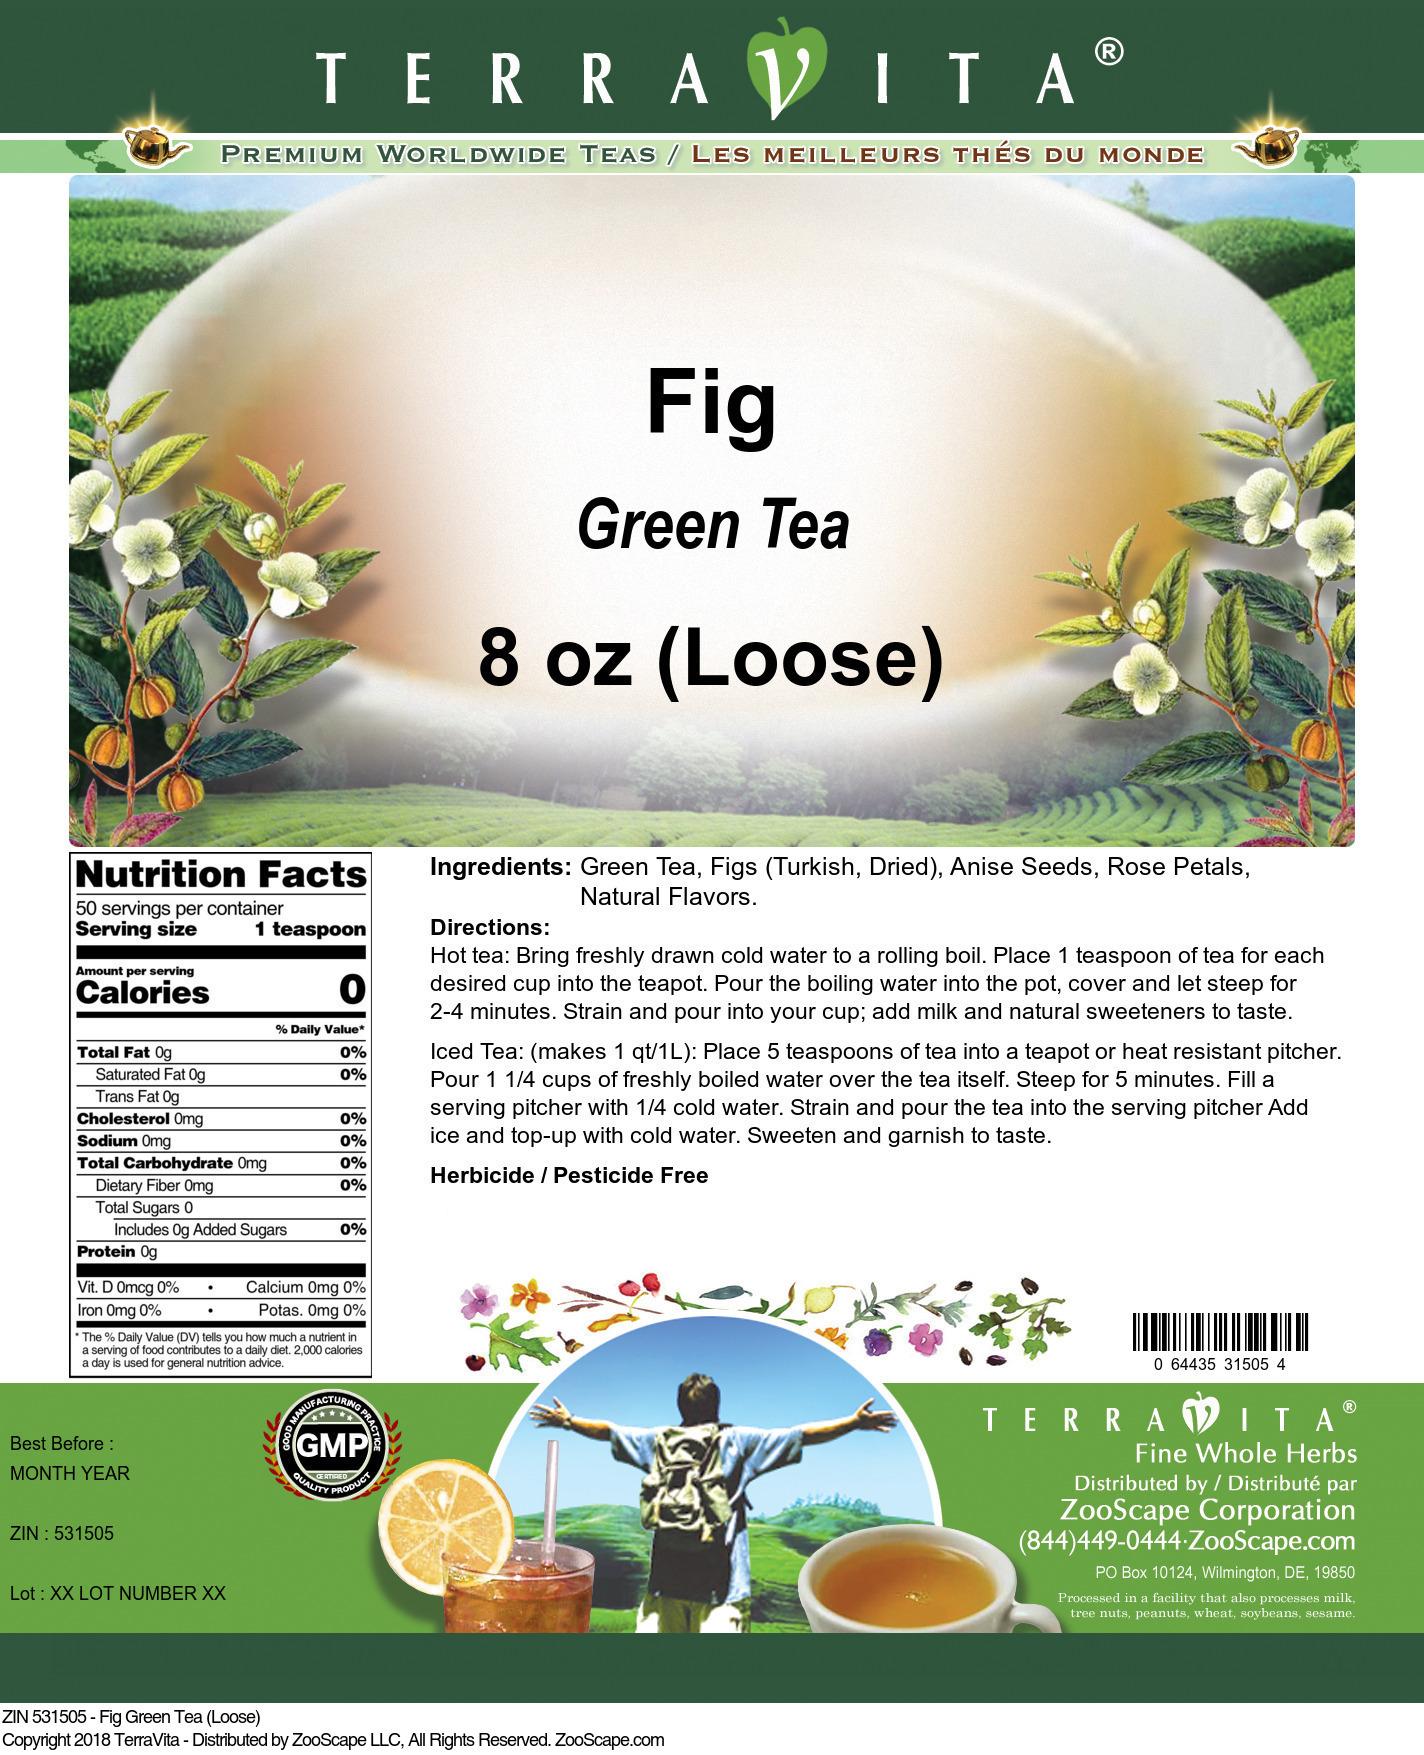 Fig Green Tea (Loose)